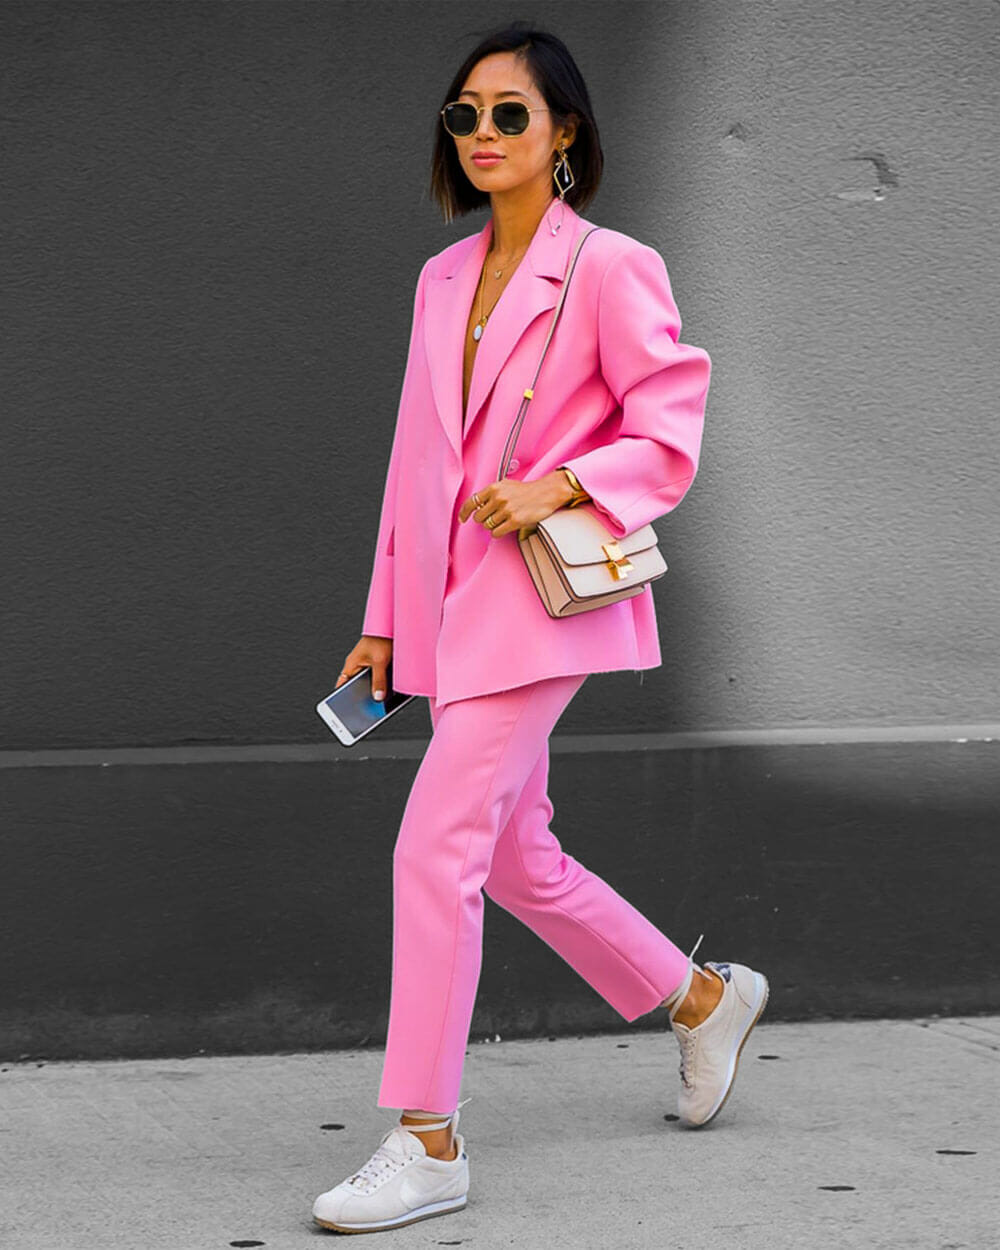 Bubblegum Pink fashion trend 2021